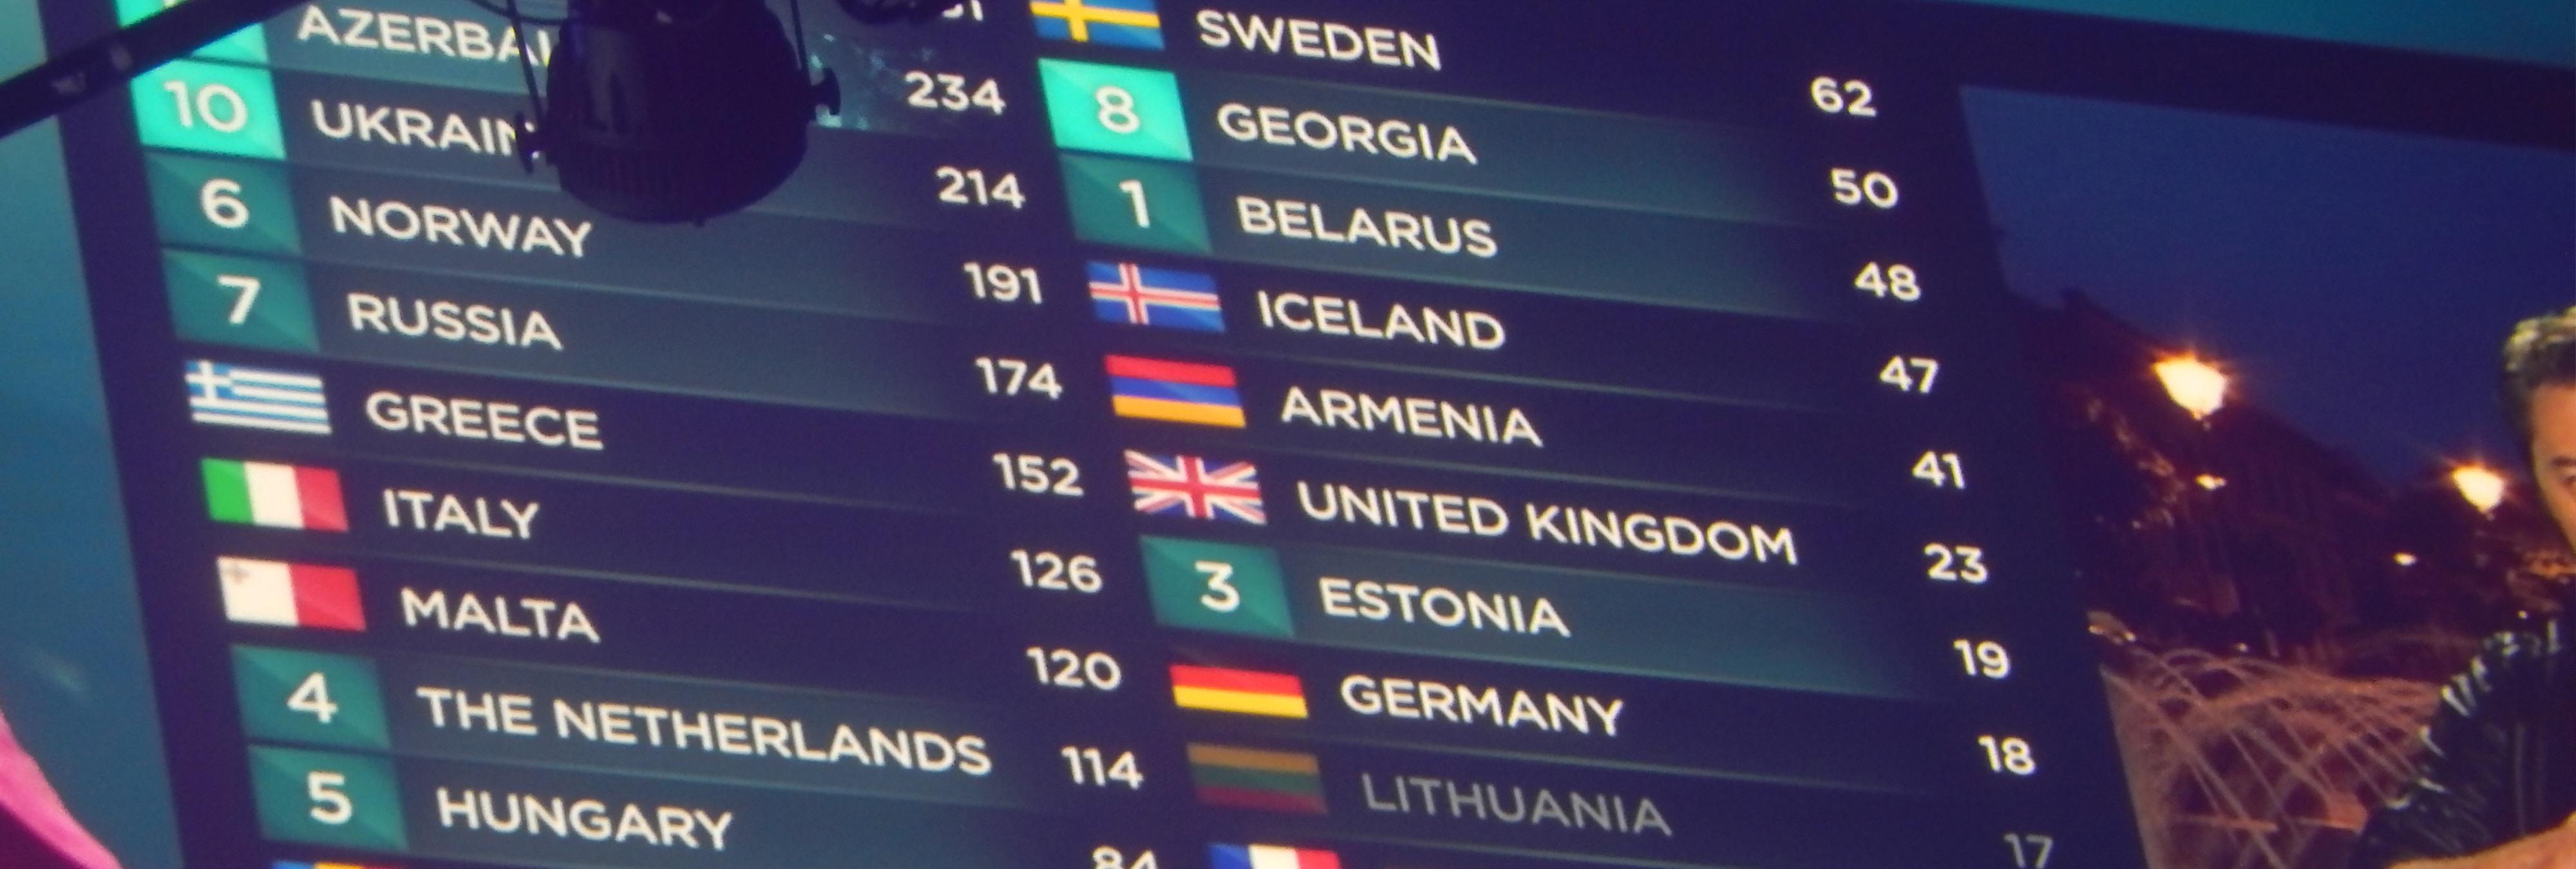 ¡Desastre! El último puesto en Eurovisión de los últimos diez años